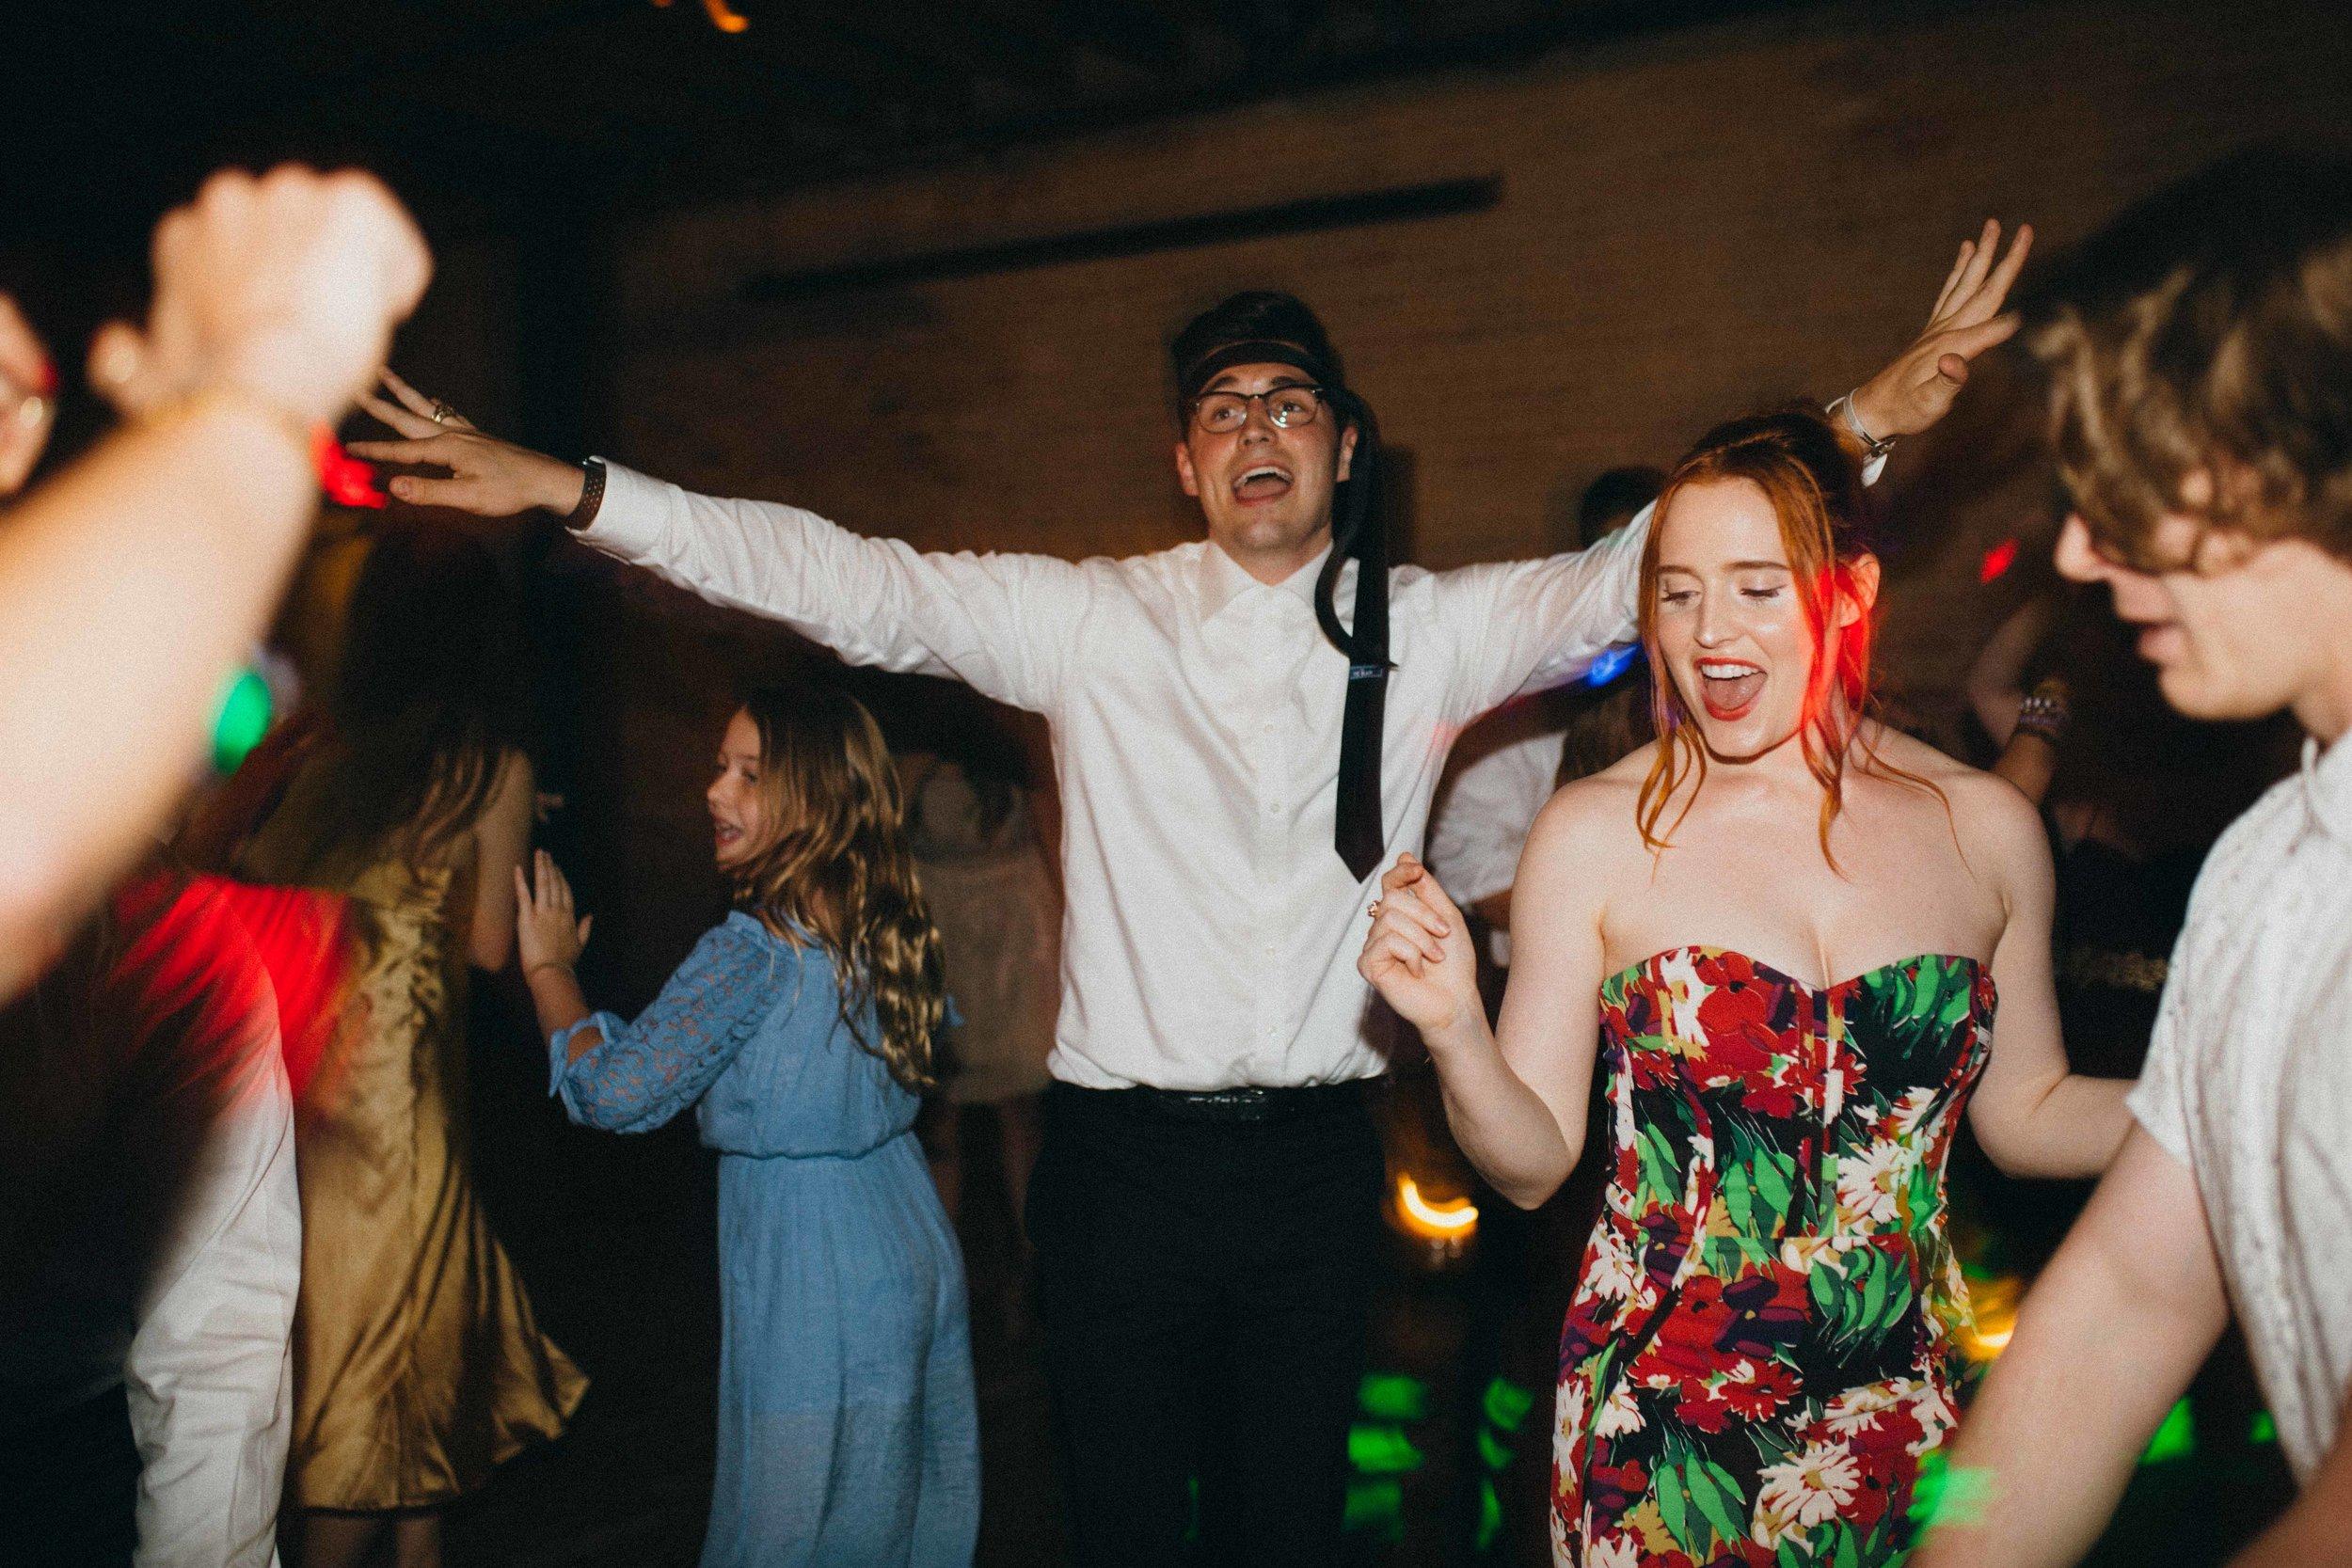 kacey sam wedding 4066.jpg